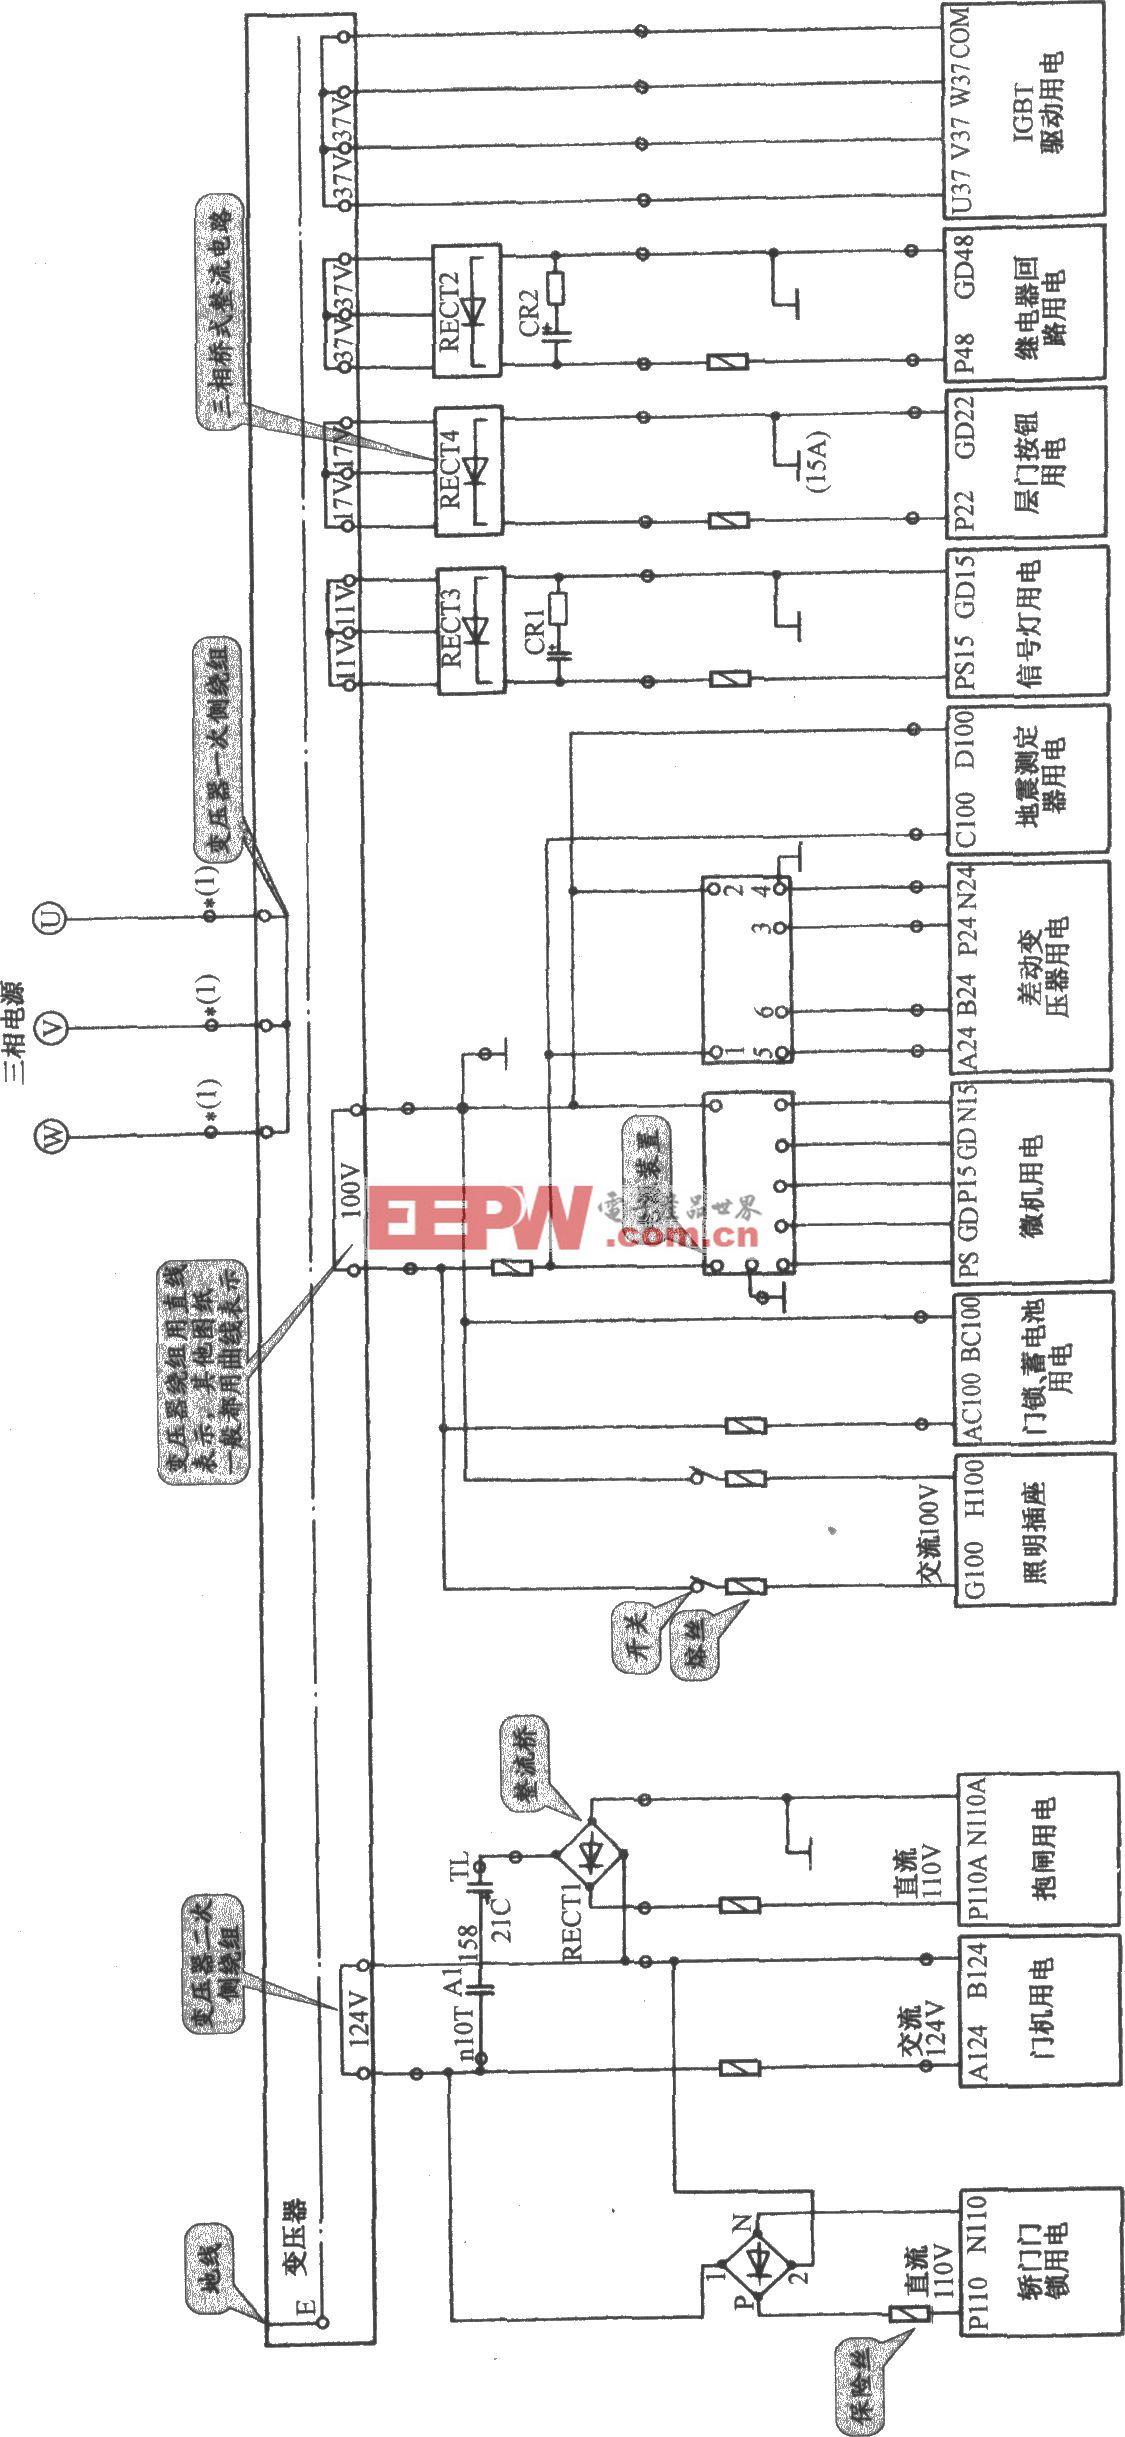 日立VFMG电梯控制电源电路